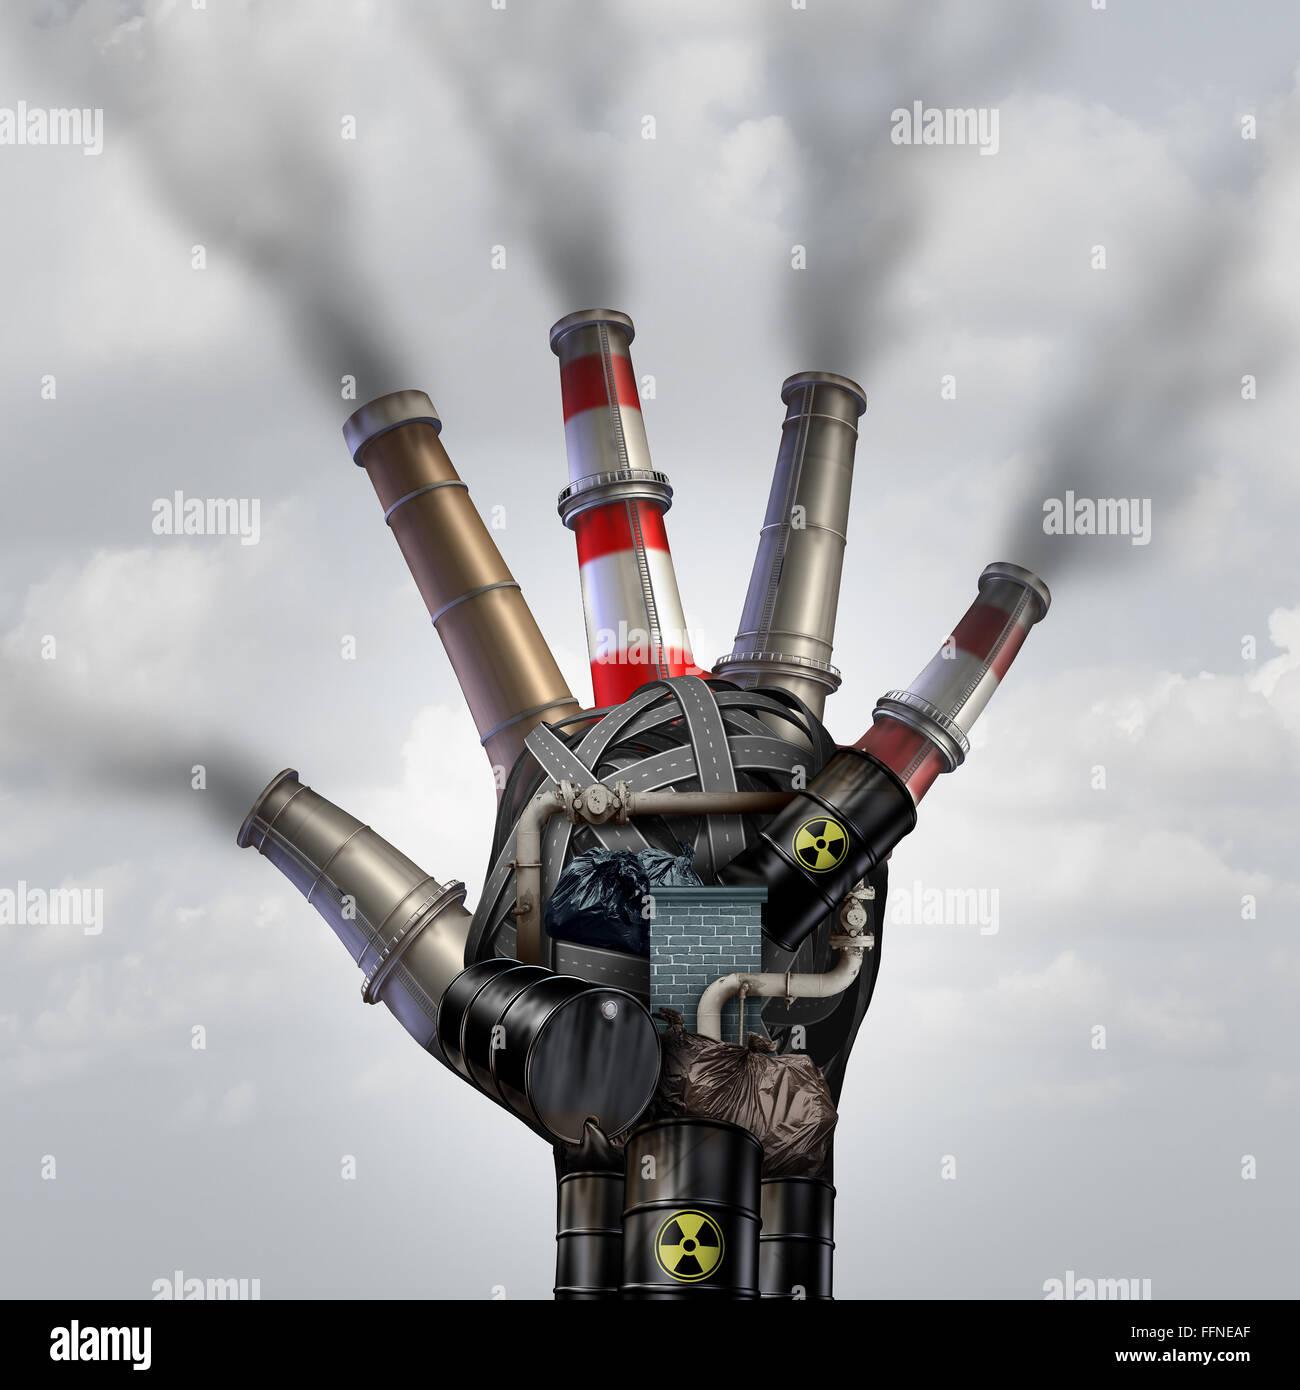 La pollution par l'homme de la fumée toxique symbole d'arrêt comme une sale usine industrielle Photo Stock